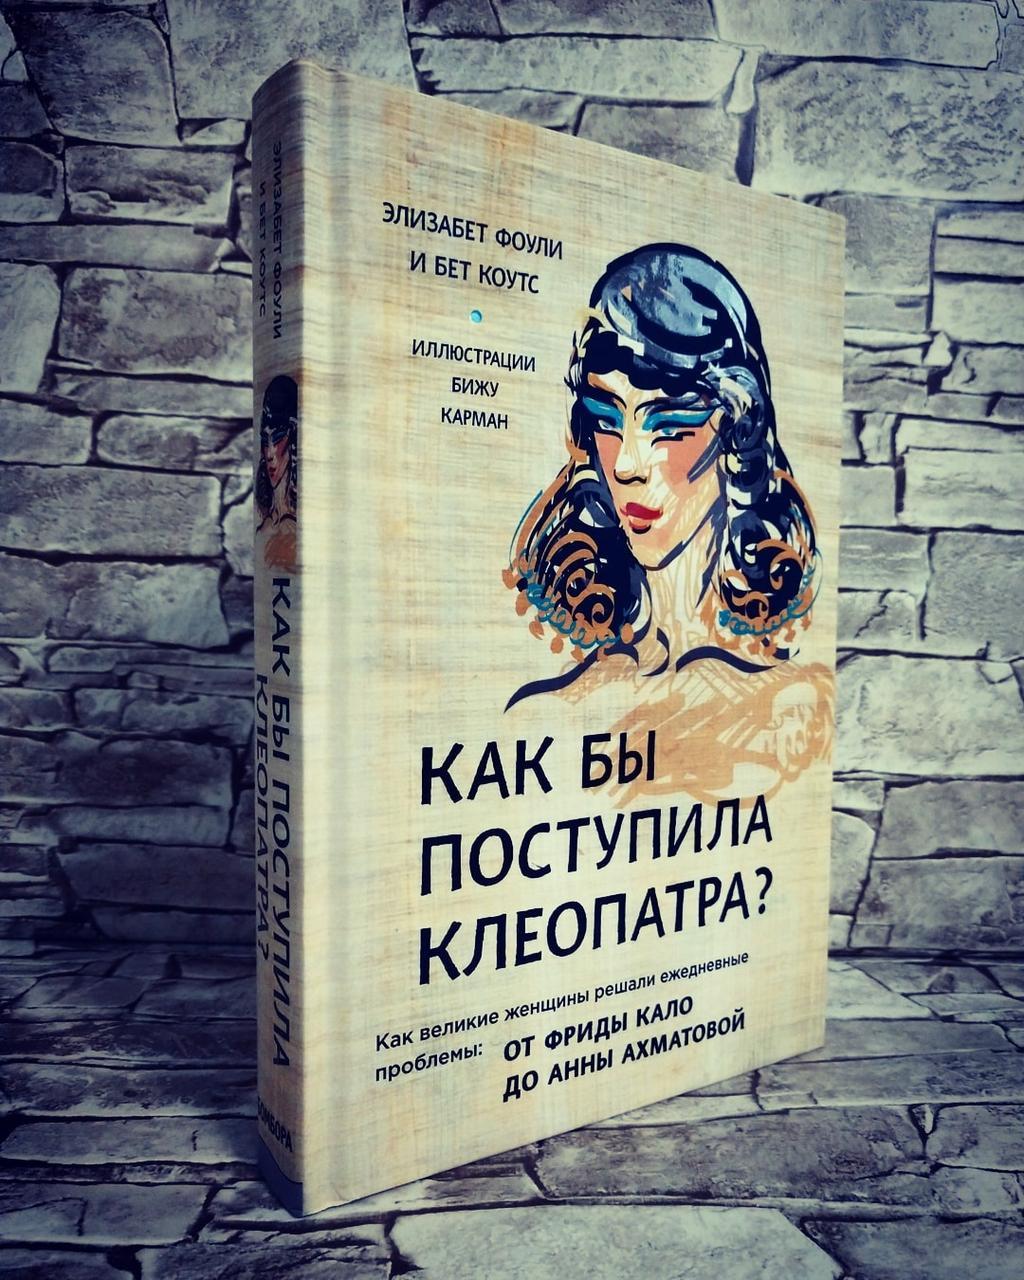 """Книга """" Как бы поступила Клеопатра? """" Бет Коутс, Элизабет Фоули"""